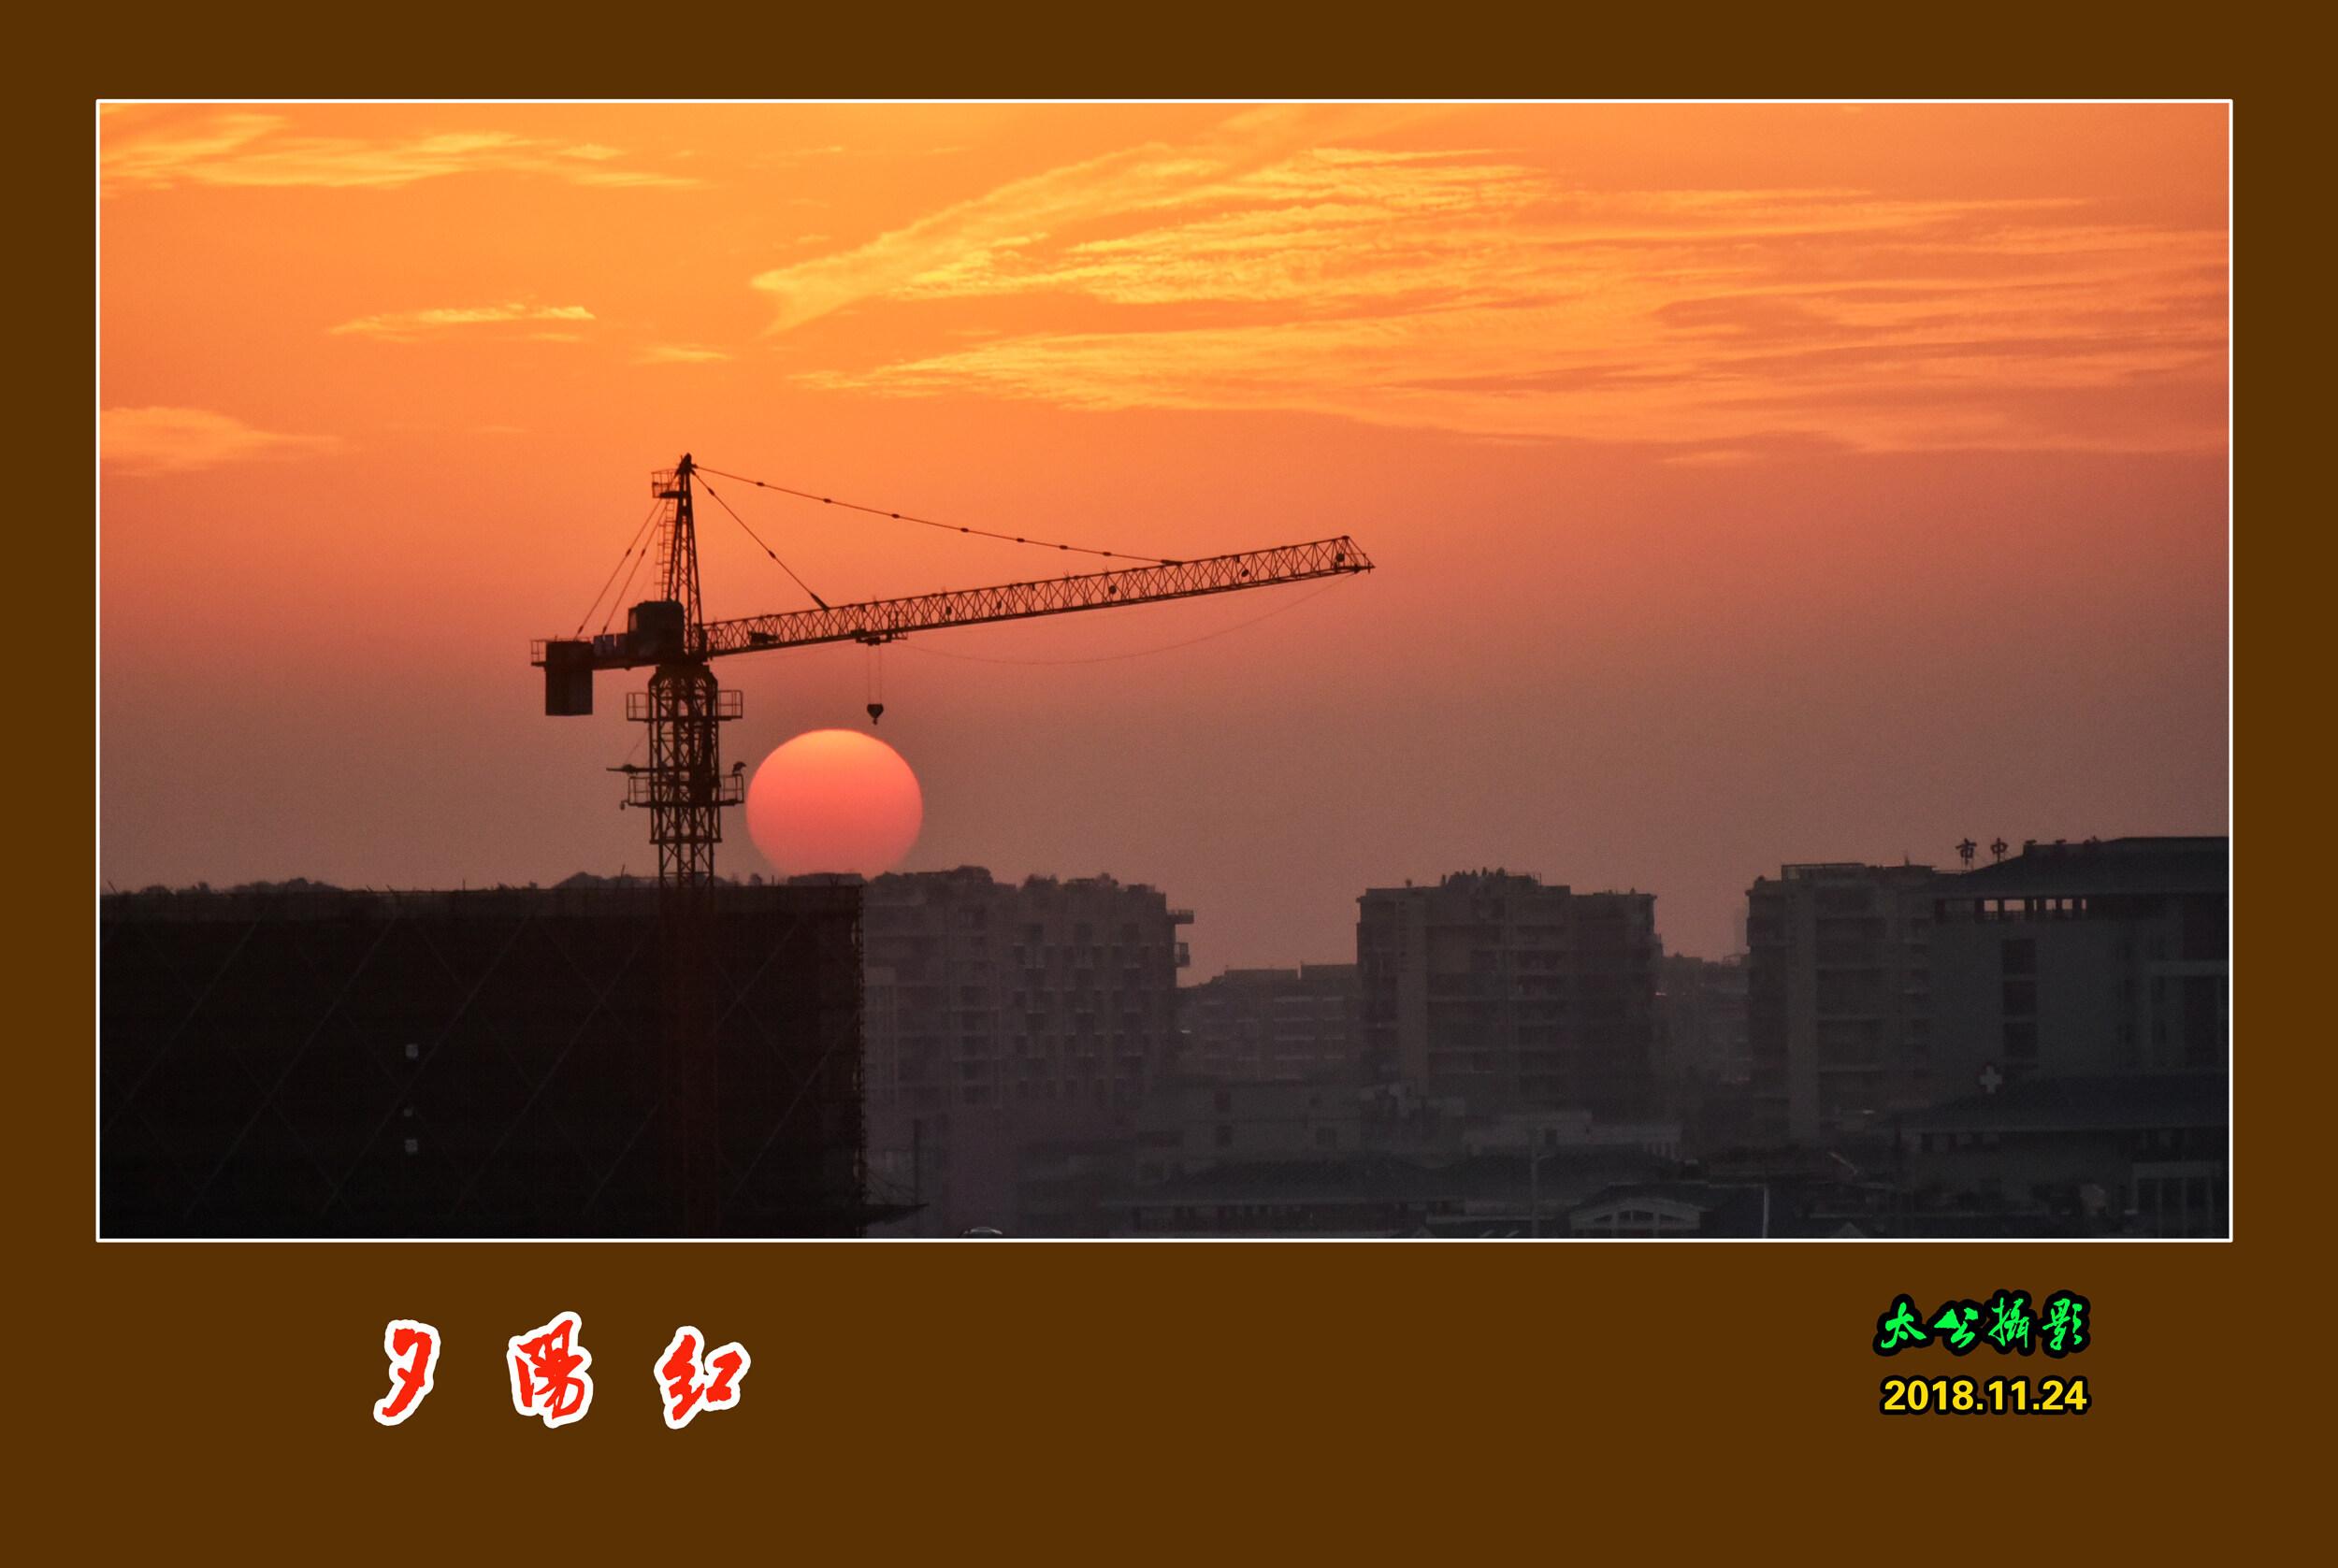 DSC_5007夕阳红.jpg 1.jpg